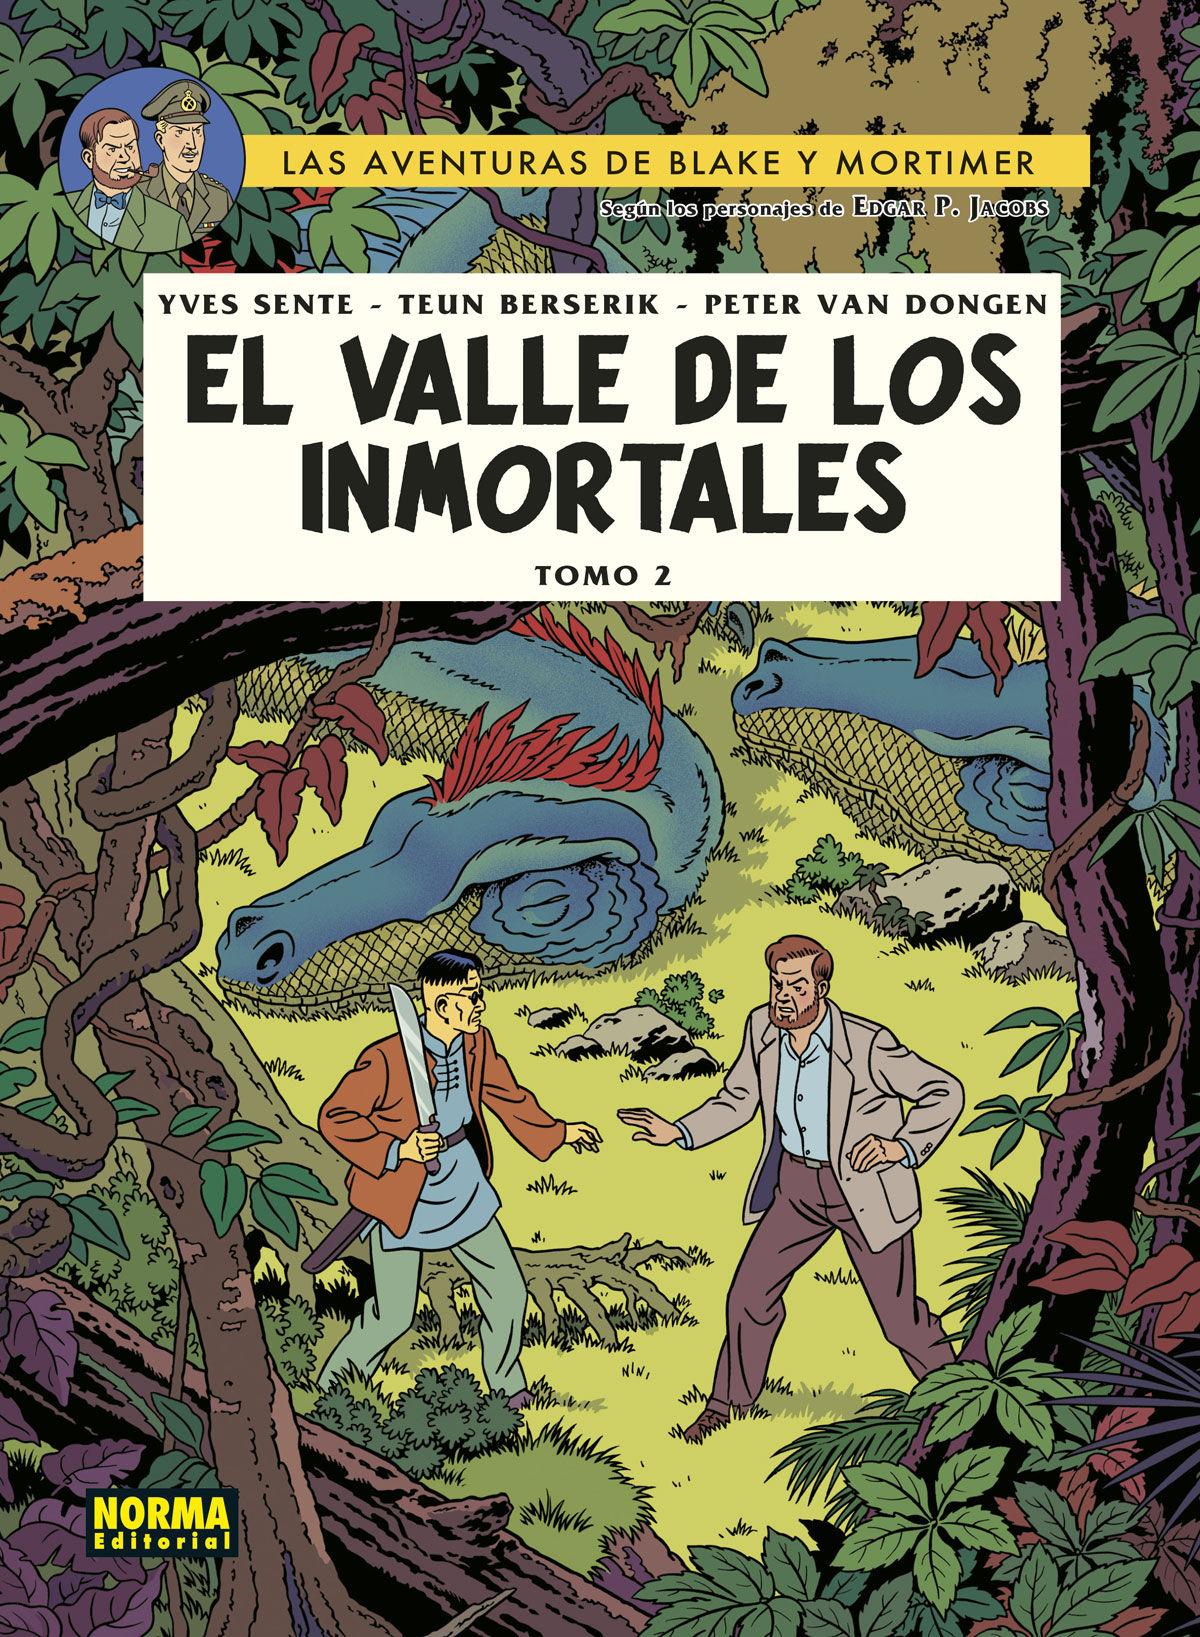 BLAKE & MORTIMER 26 EL VALLE DE LOS INMORTALES 2